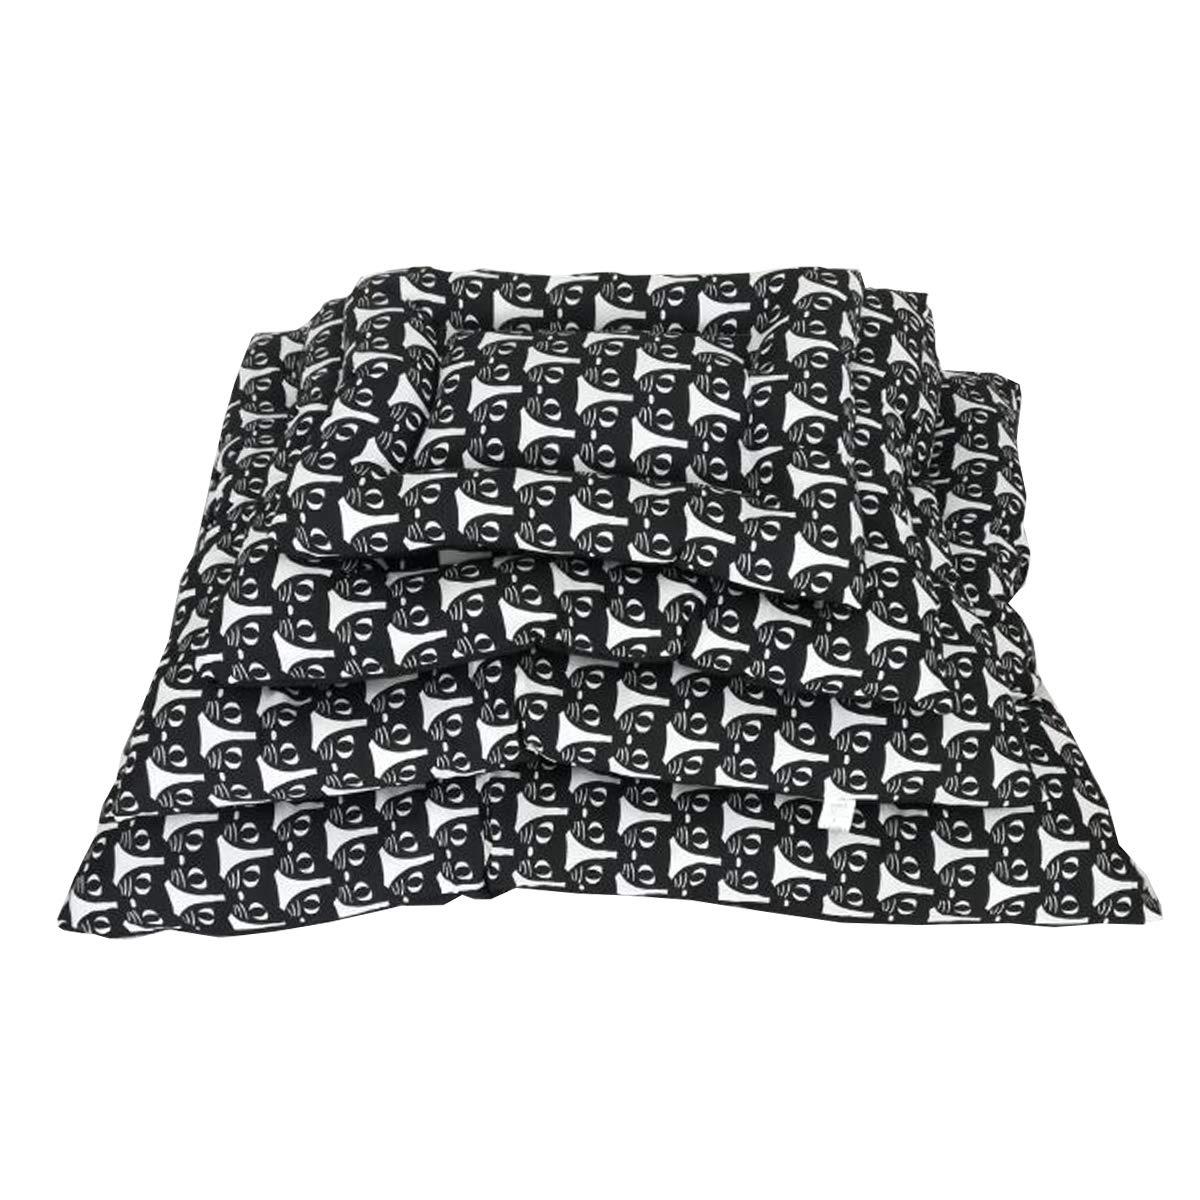 Cisne 2013, S.L. ¡Oferta ÚLTIMAS Unidades! Cama para Mascota Gatitos Negros 55 * 40cm.: Amazon.es: Hogar